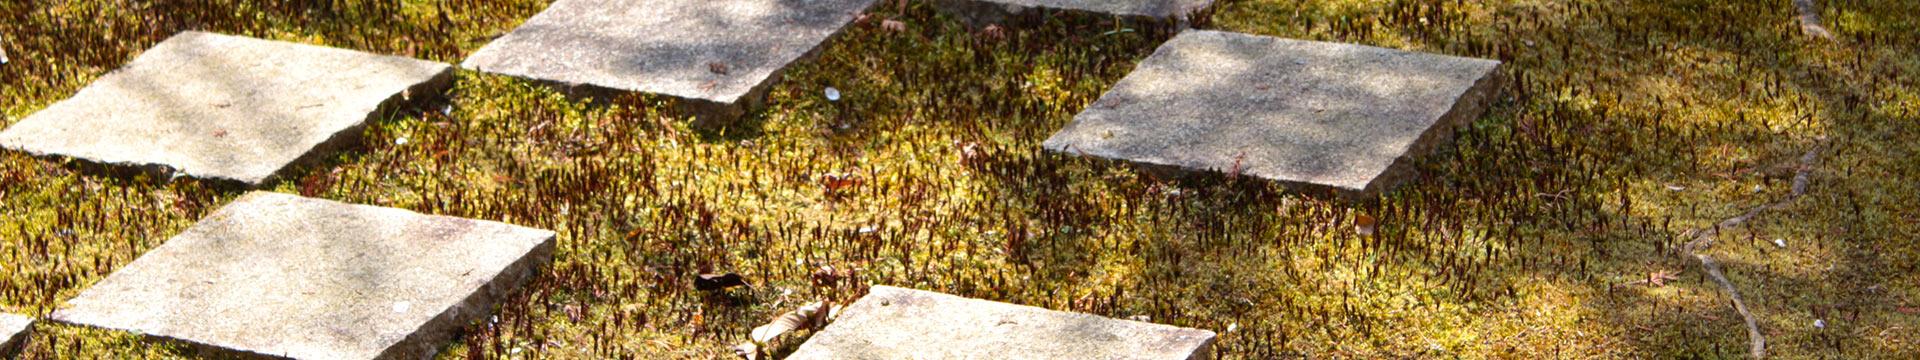 樹木葬地のある正覚庵の庭の市松模様